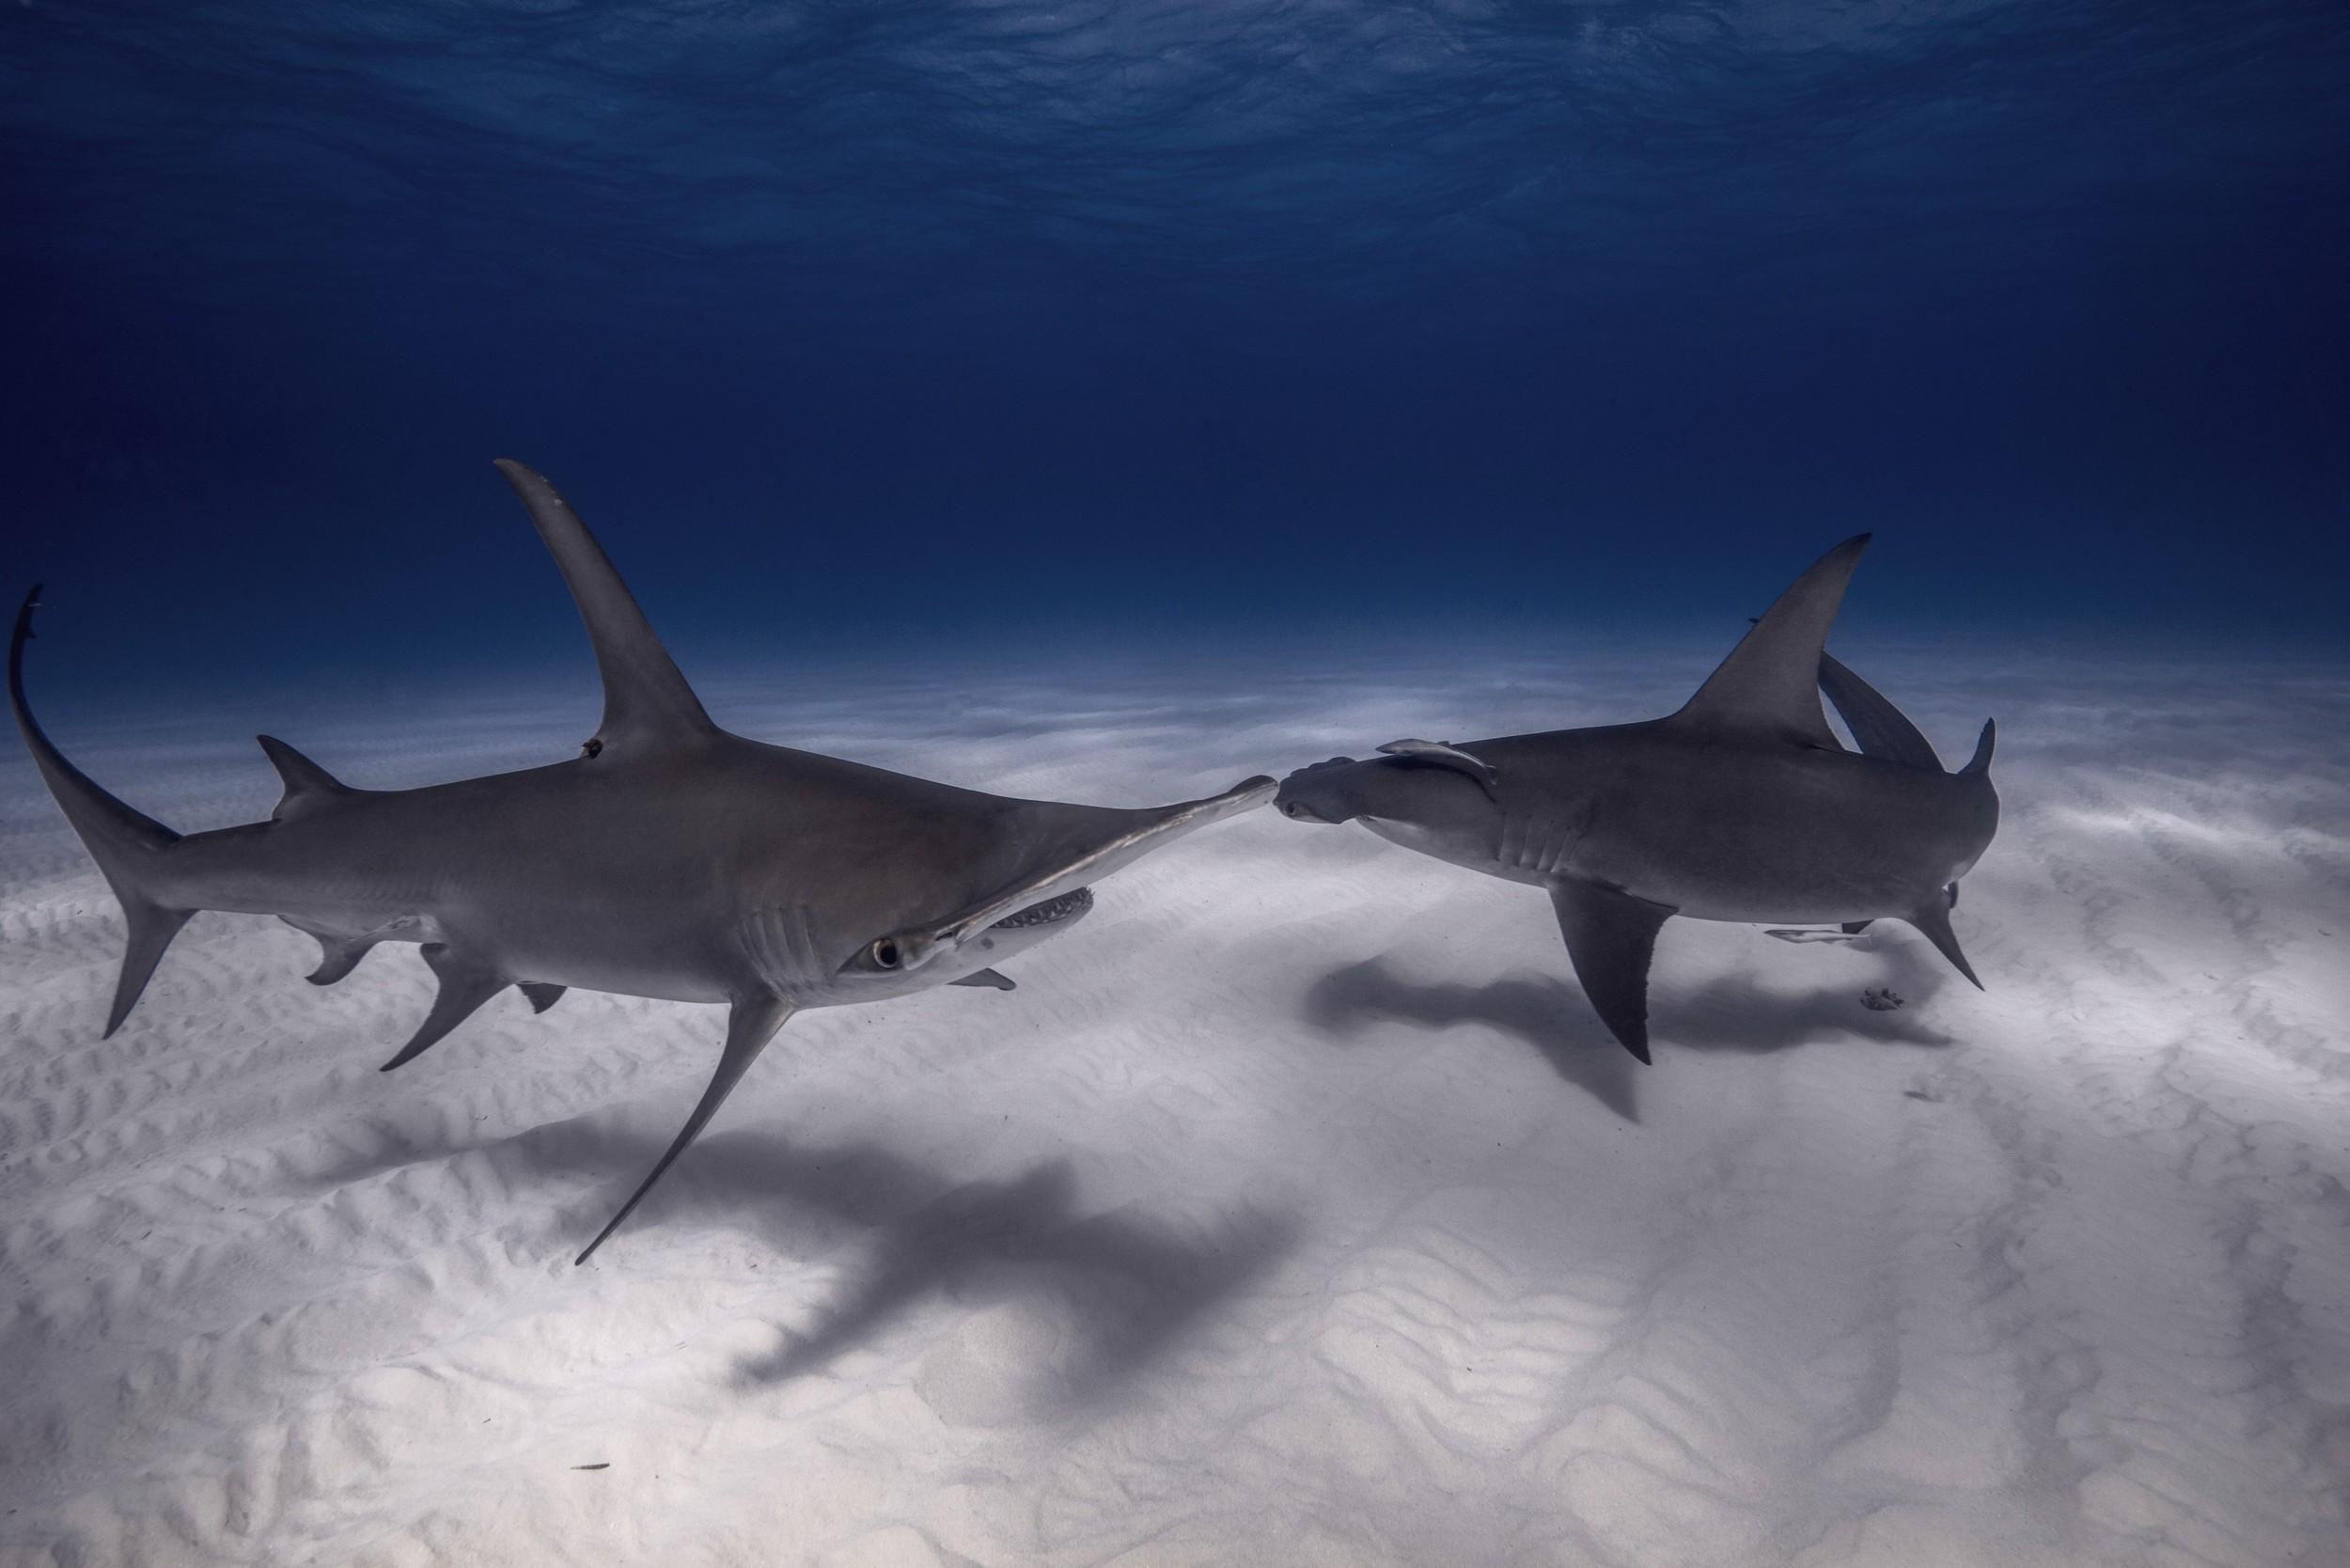 Double Great Hammerhead Shark (Sphyrna mokorran) - head on